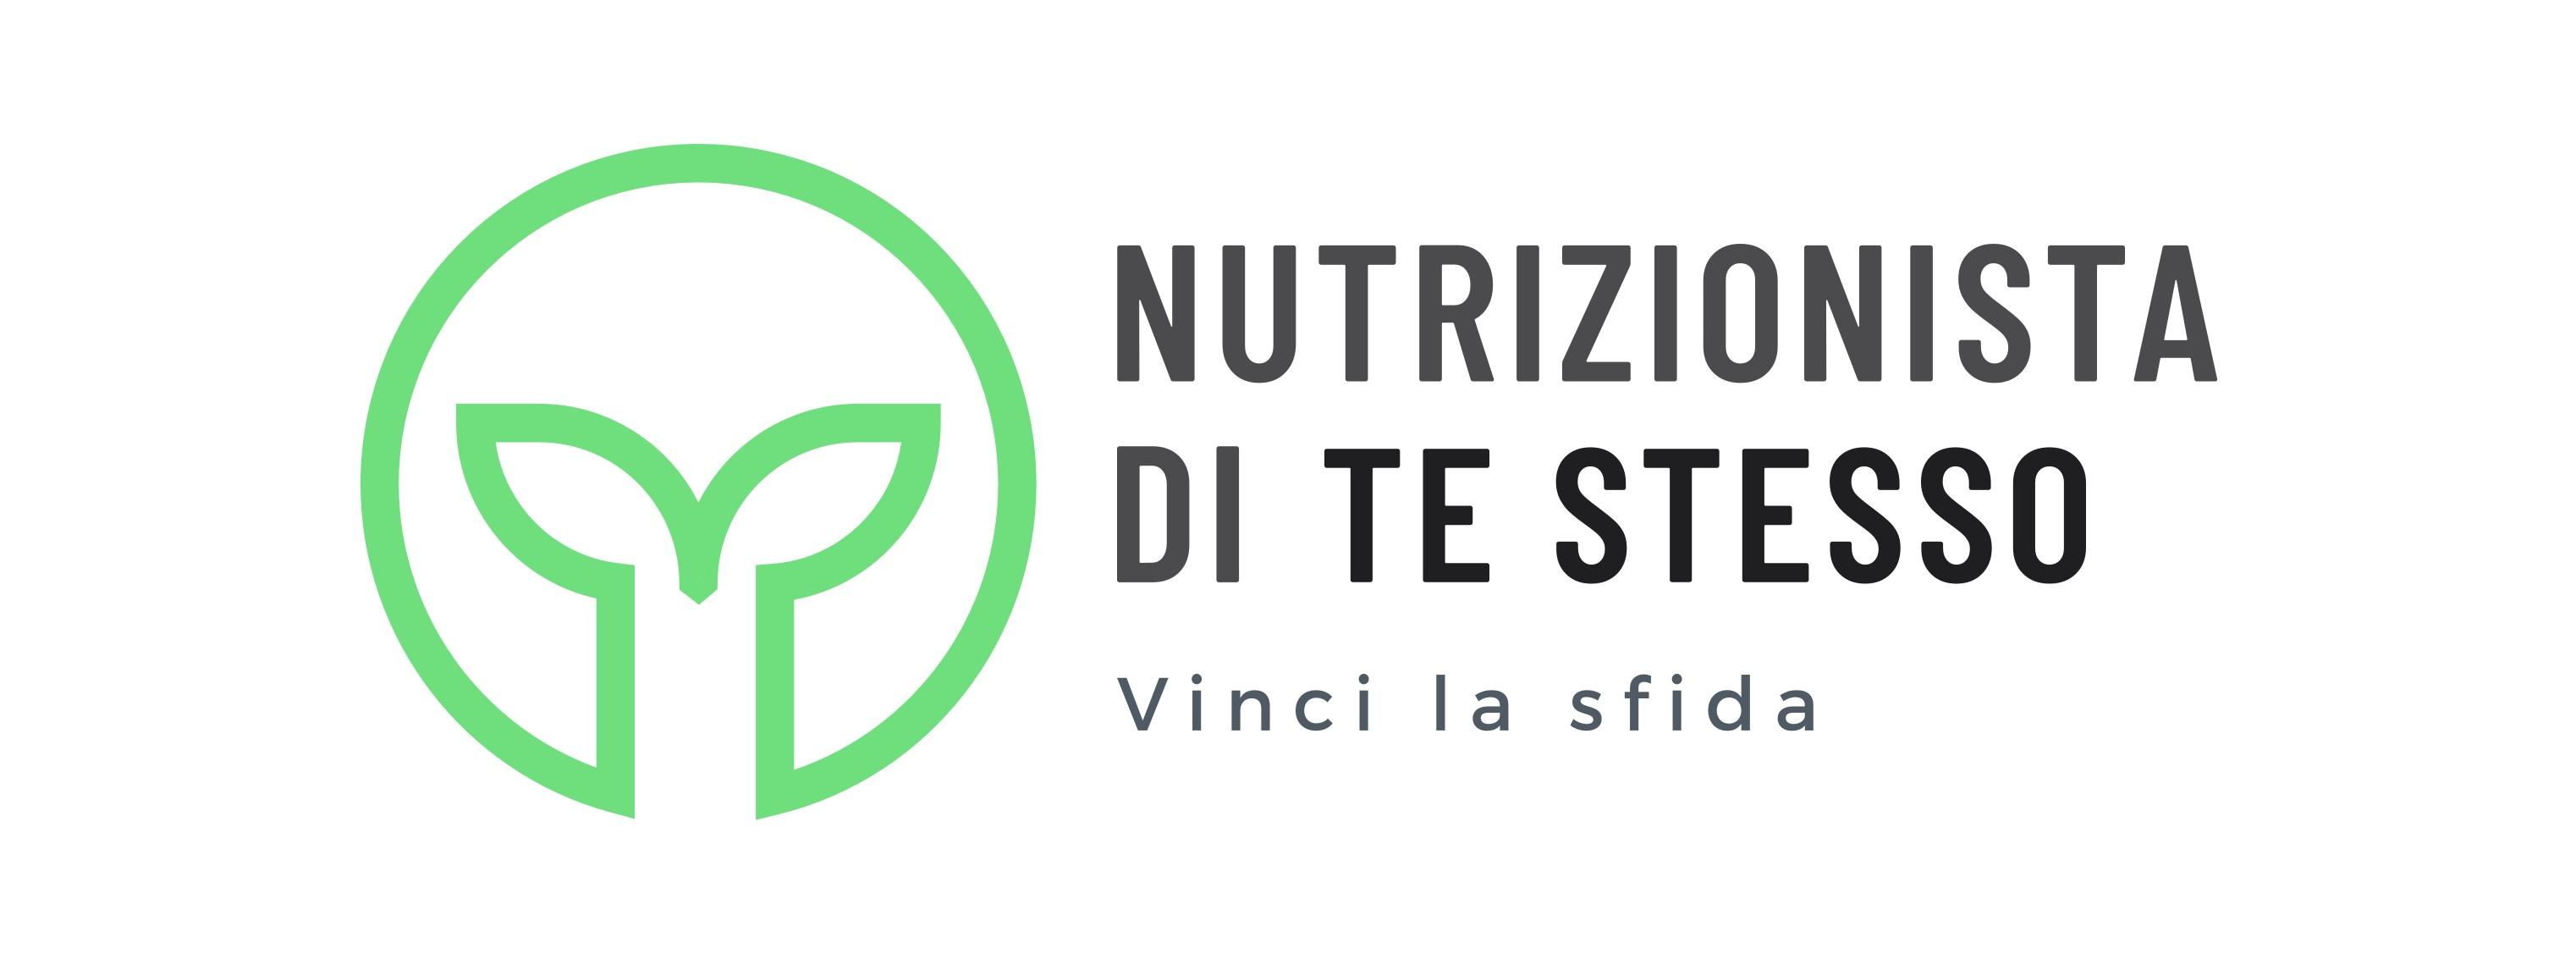 SCOPRI IL METODO NUTRIZIONISTA DI TE STESSO